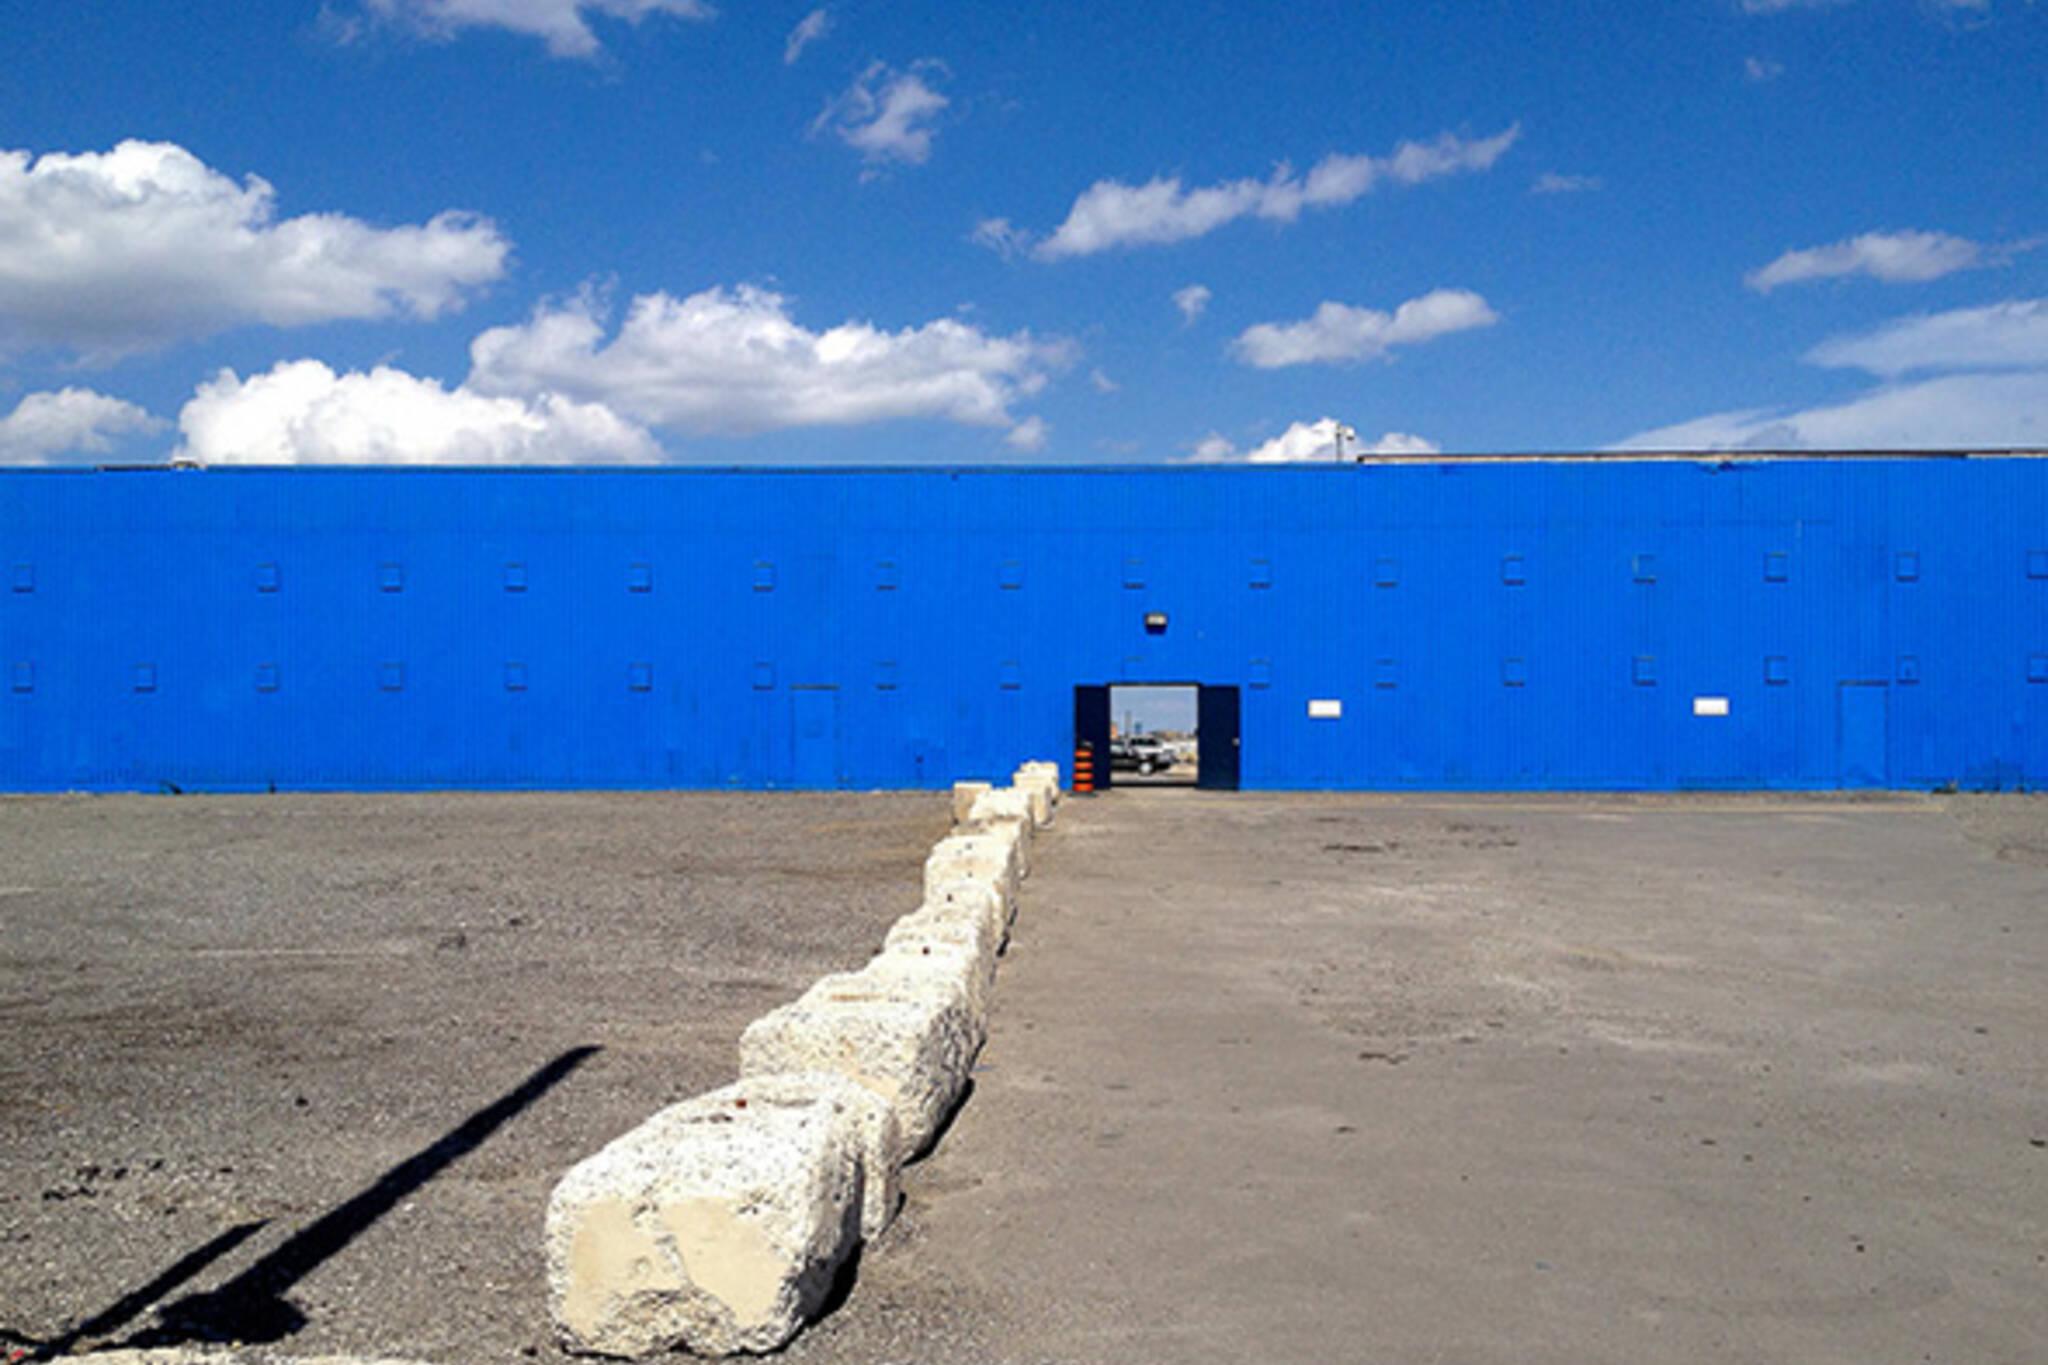 Blue building toronto